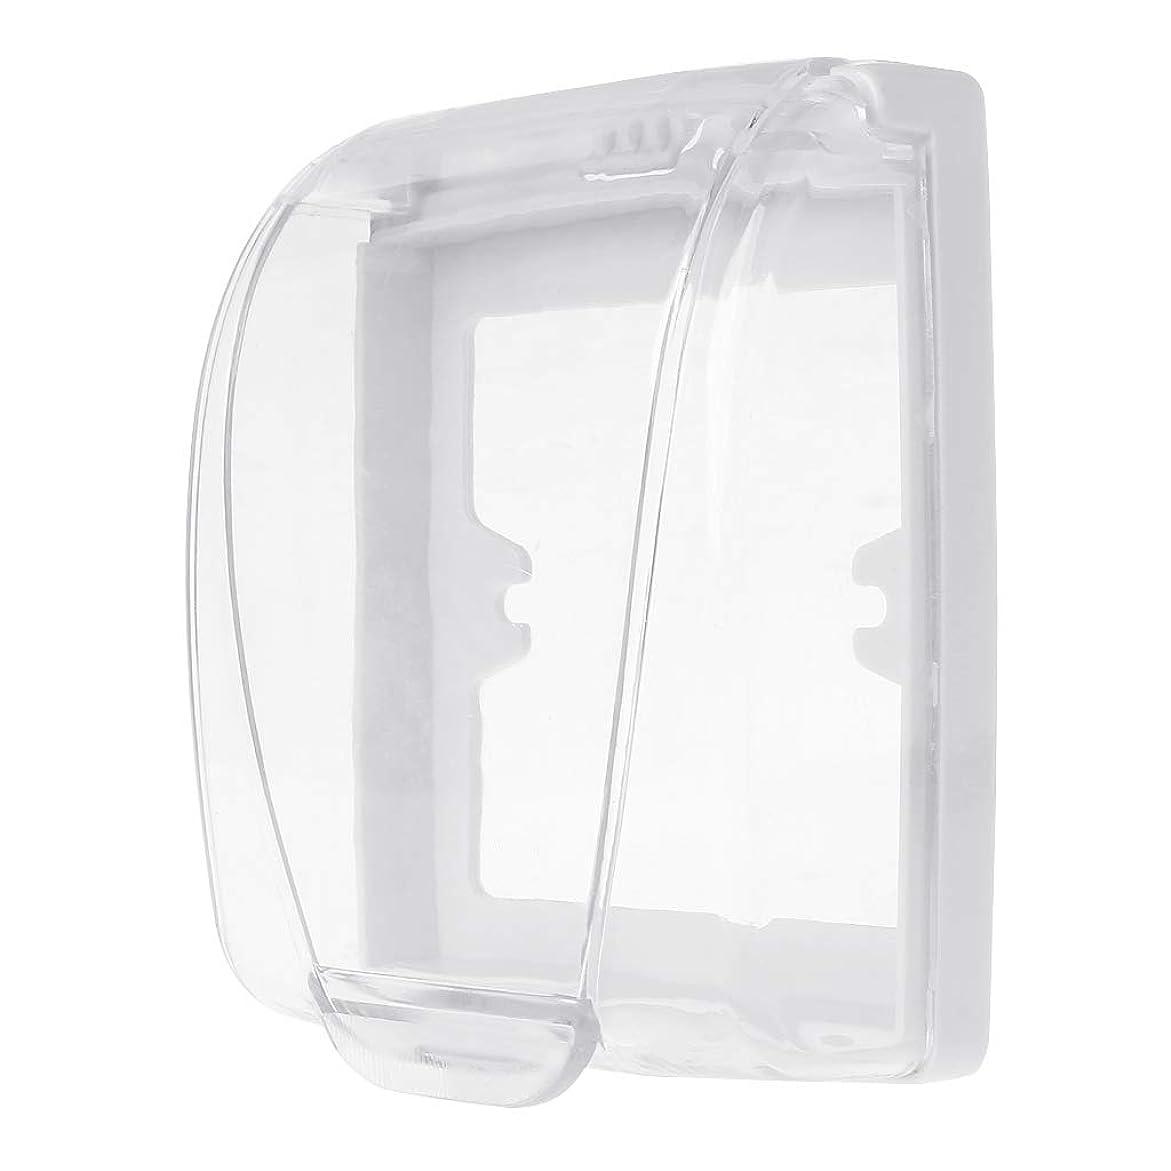 屋内で接ぎ木尊厳Lamdooプラスチック壁防水カバーボックス壁ライトパネルソケットドアベルフリップキャップカバークリア浴室キッチンアクセサリー